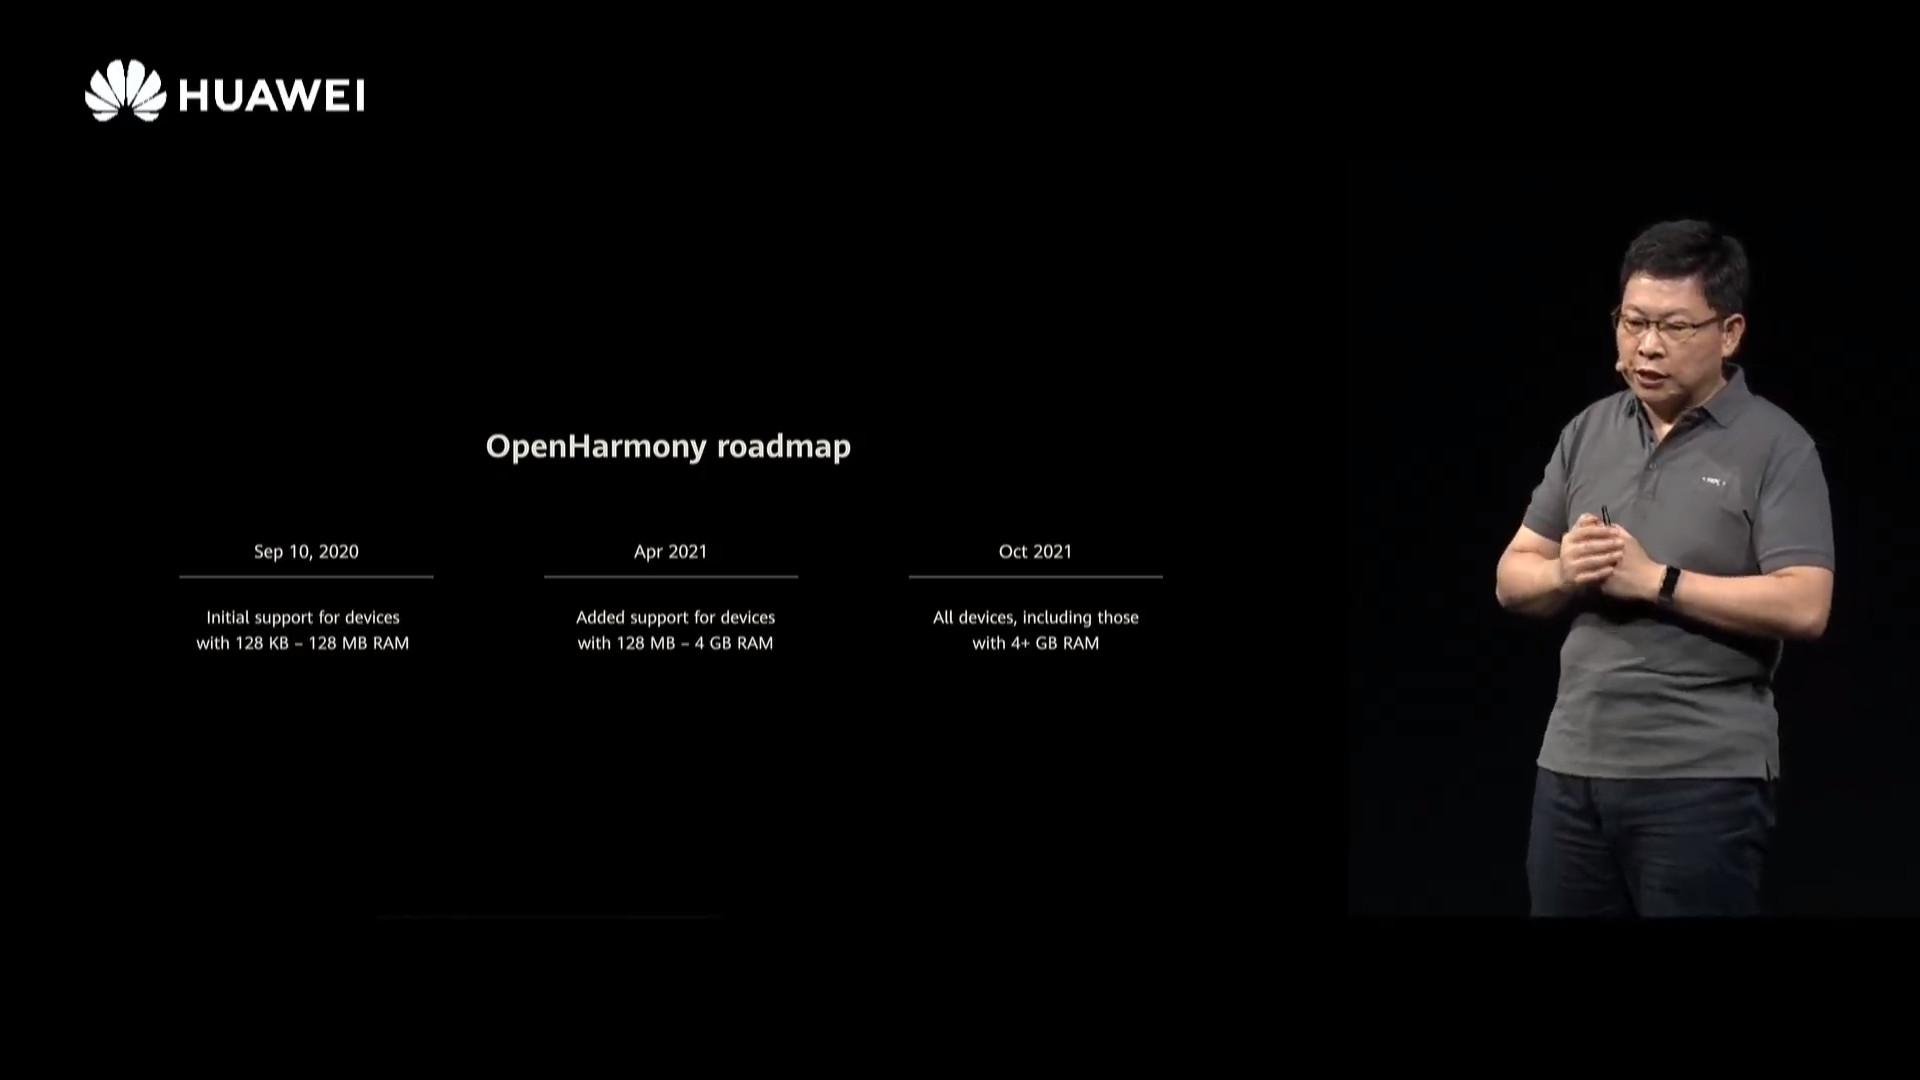 OpenHarmony roadmap